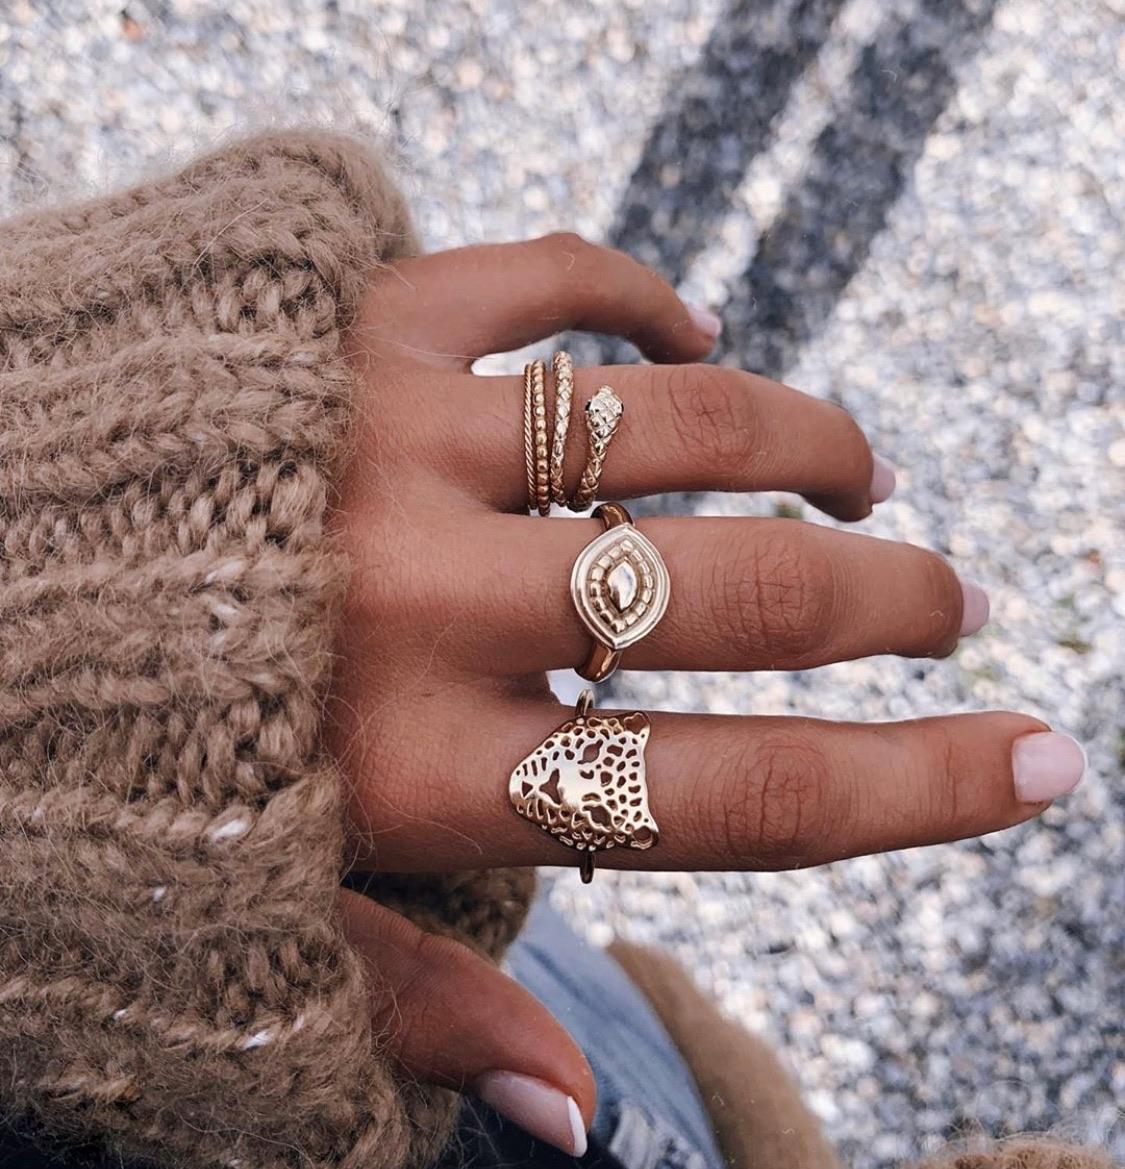 البنت المادية تسعى دائما لجمع المال والمجوهرات واستغلال حبيبها